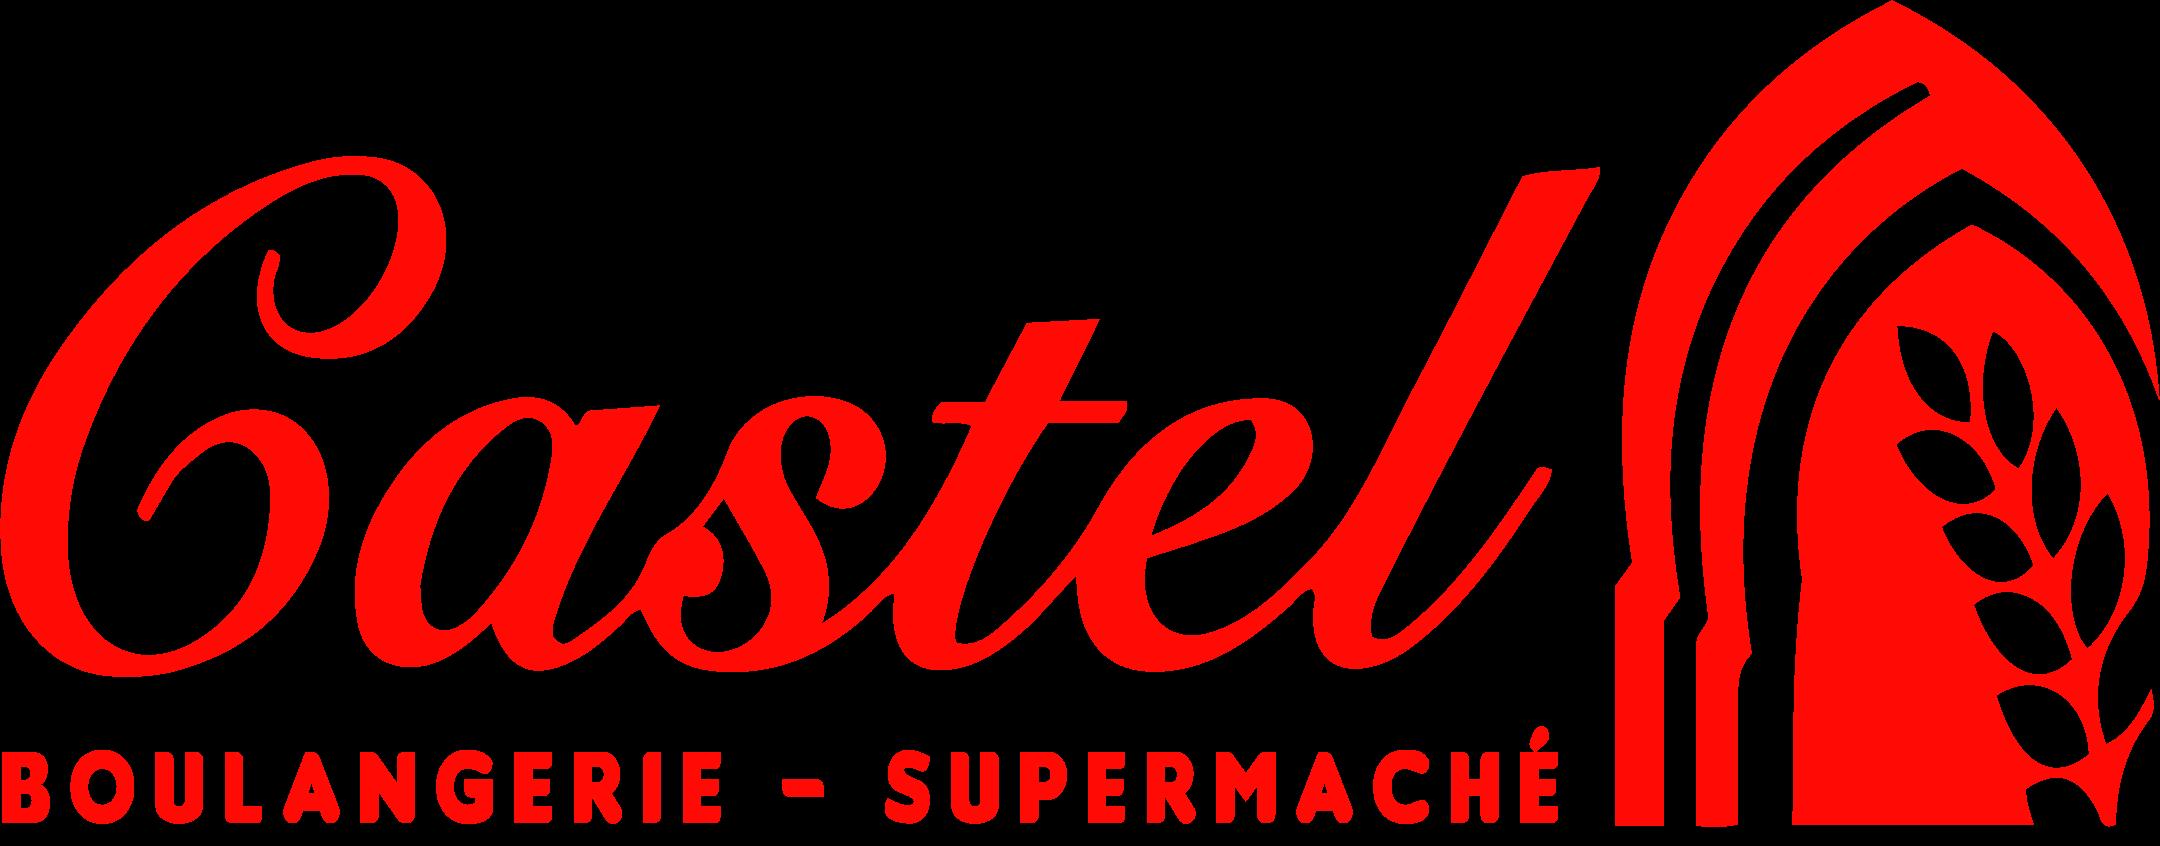 Castel - Boulangerie / Patisserie / SuperMarché footer logo